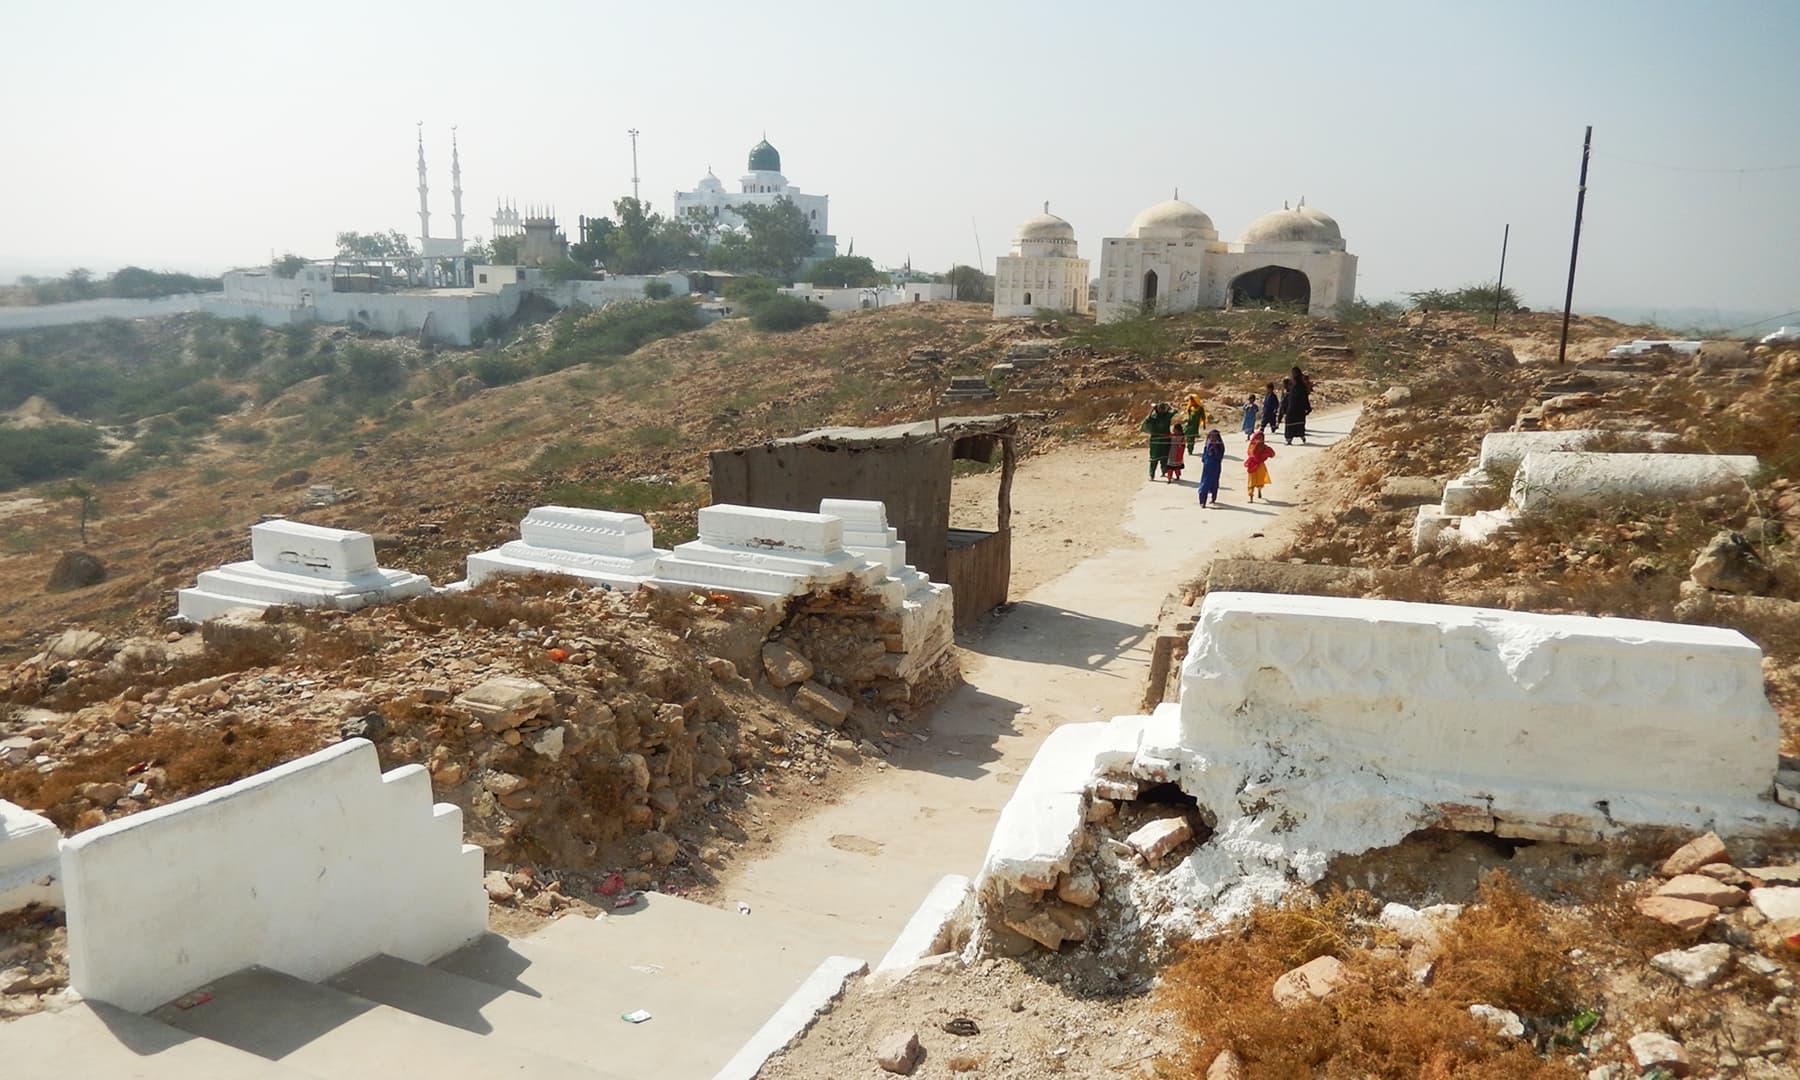 پیر پٹھو کے مقام پر موجود قربستان اور خانقاہیں — تصویر ابوبکر شیخ